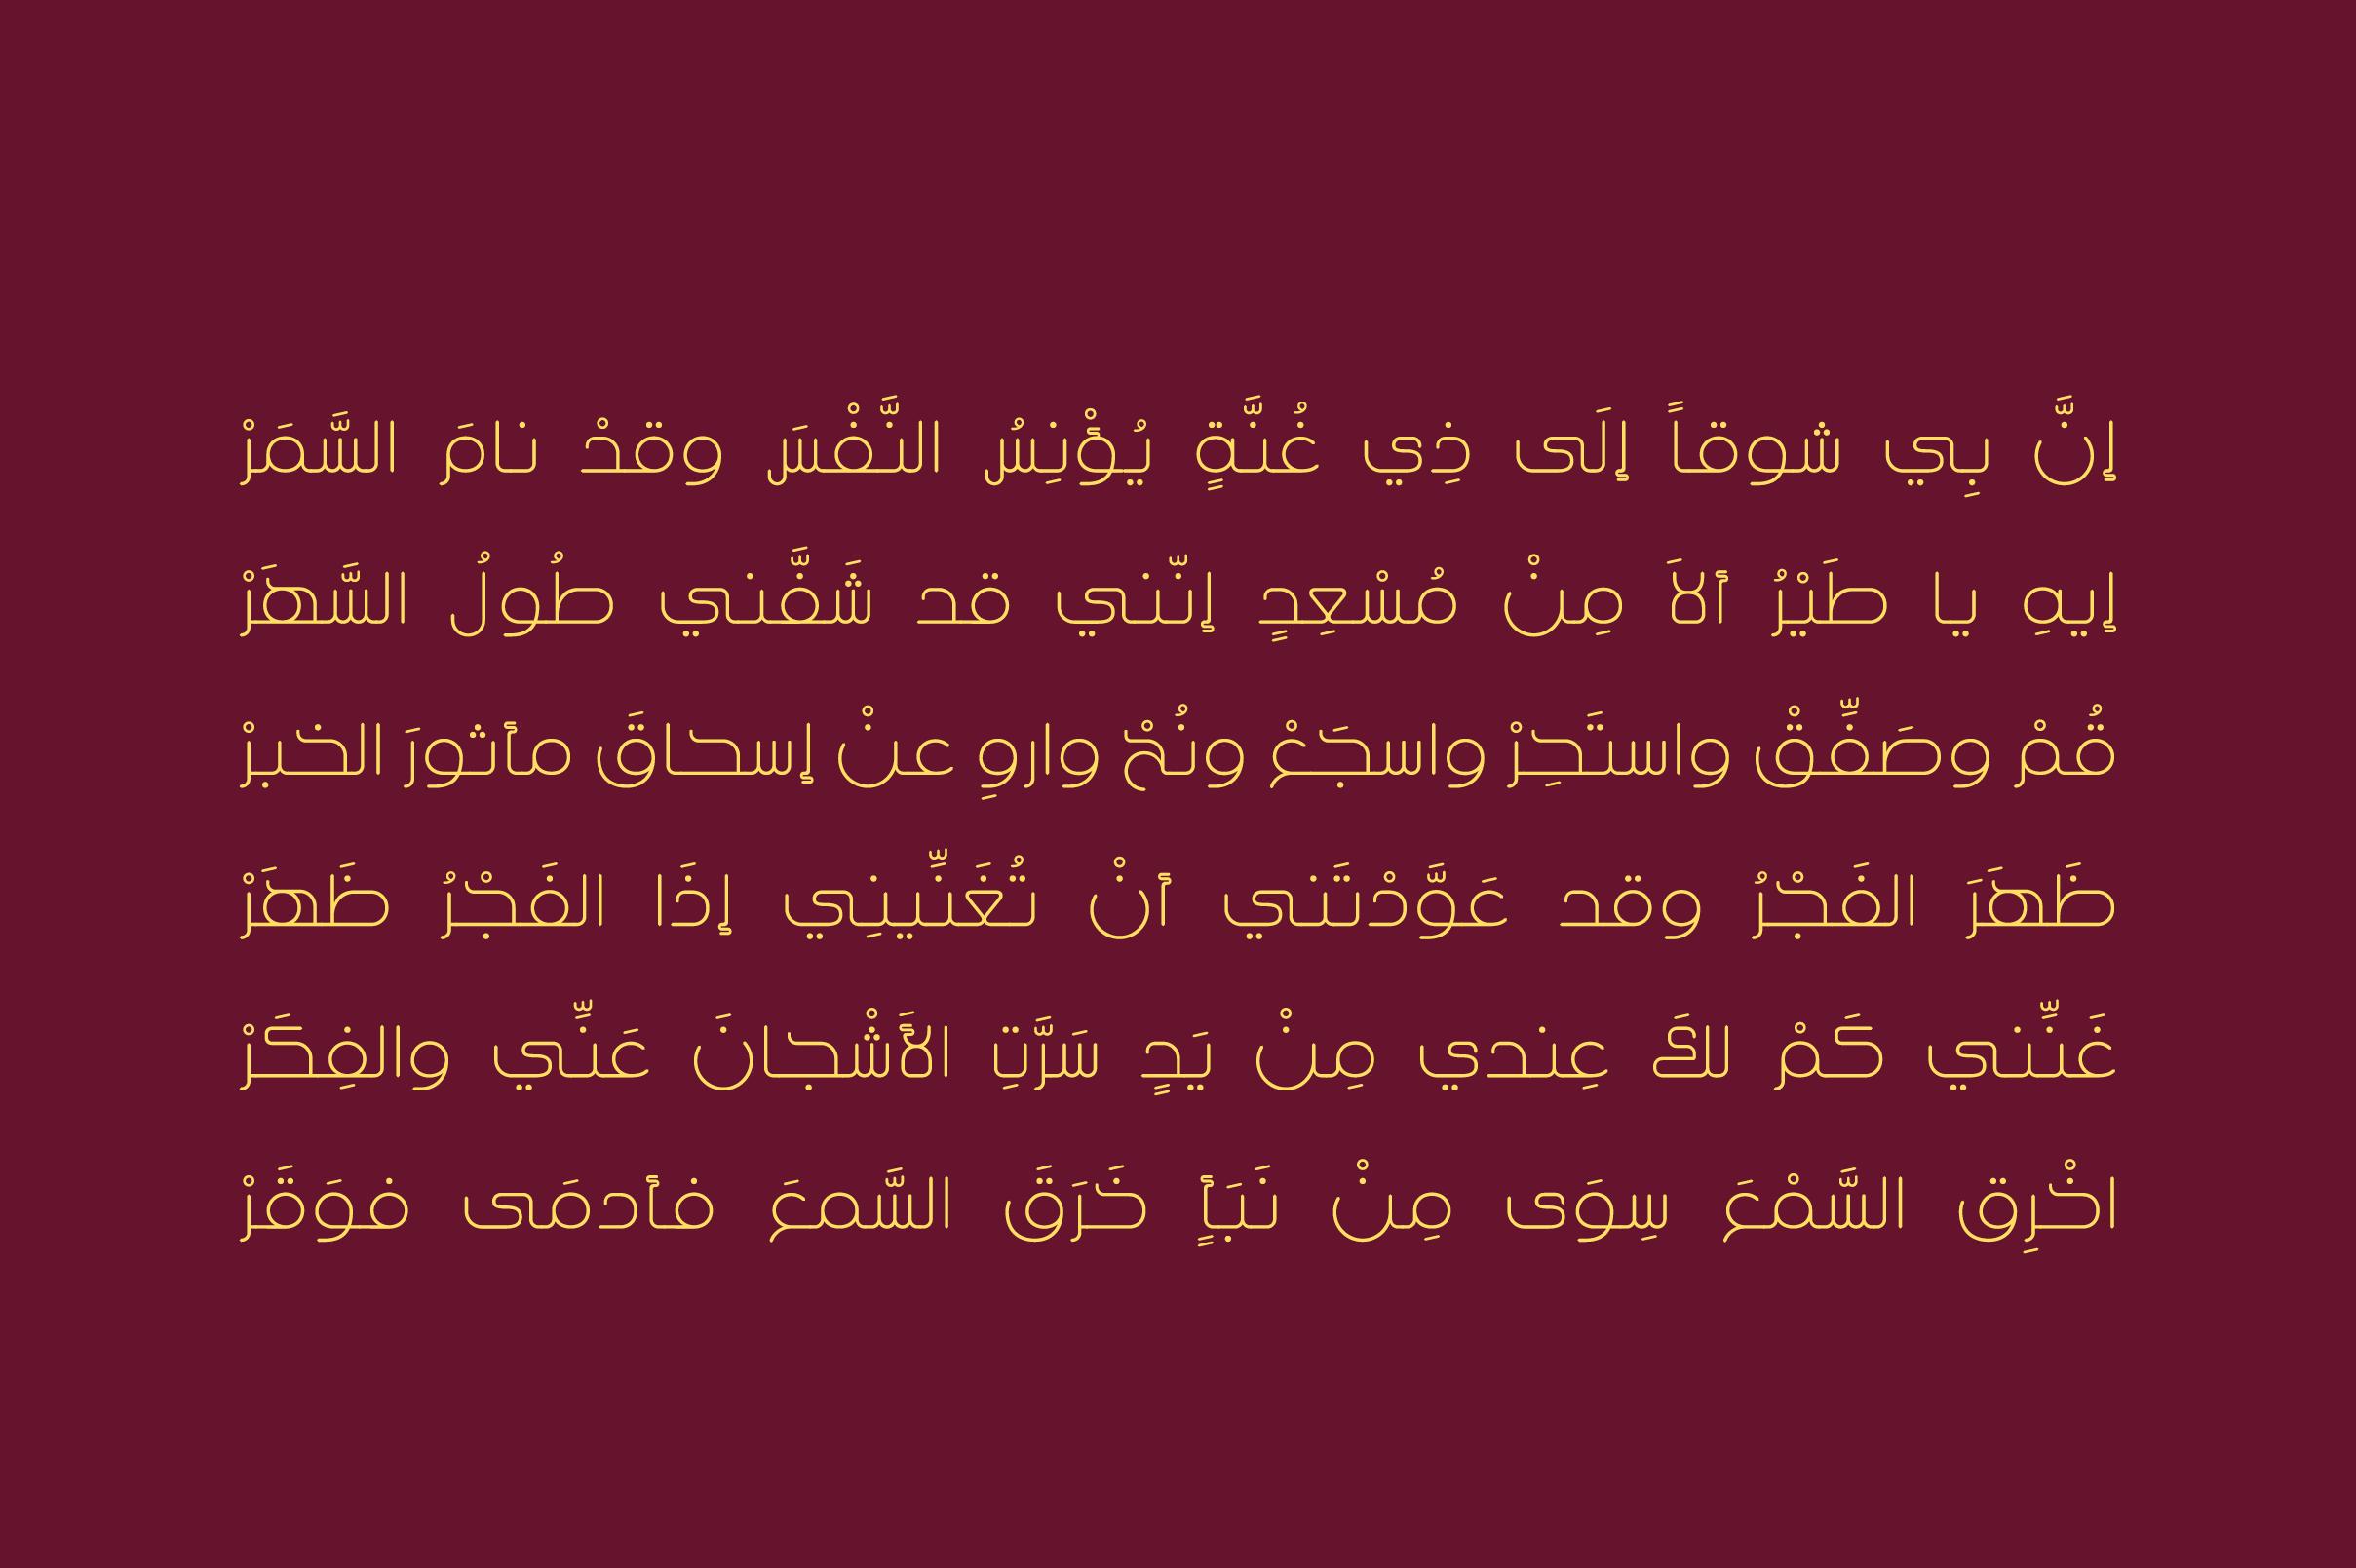 Khayal - Arabic Font example image 6